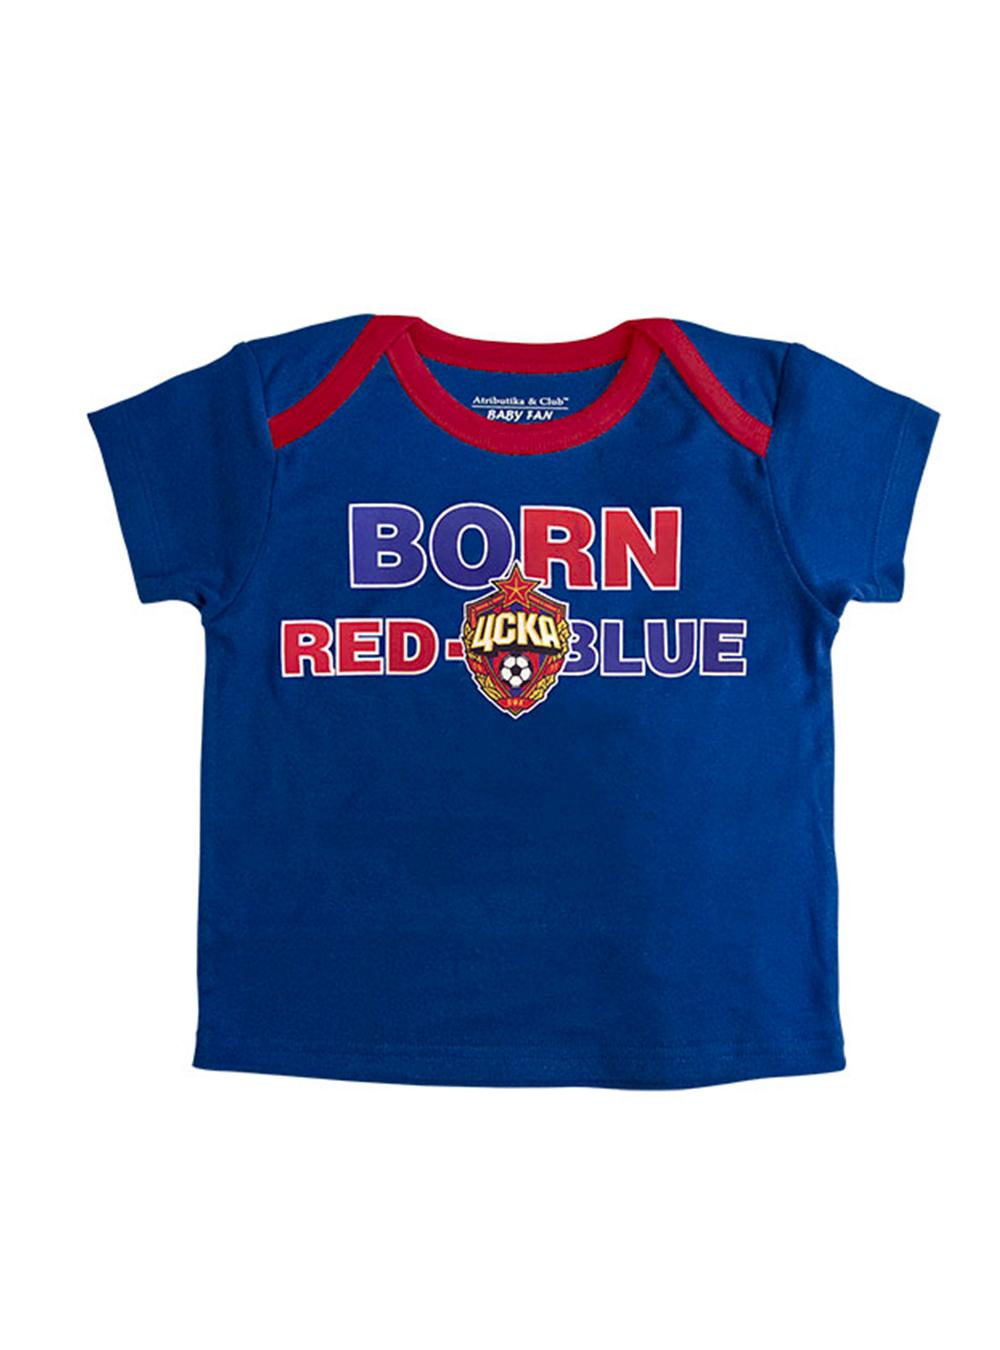 Футболка с коротким рукавом BORN Red Blue (415030), цвет синий (92 (18-24 мес.))Для самых маленьких<br>Футболка с коротким рукавом BORN Red Blue (415030), цвет синий<br>